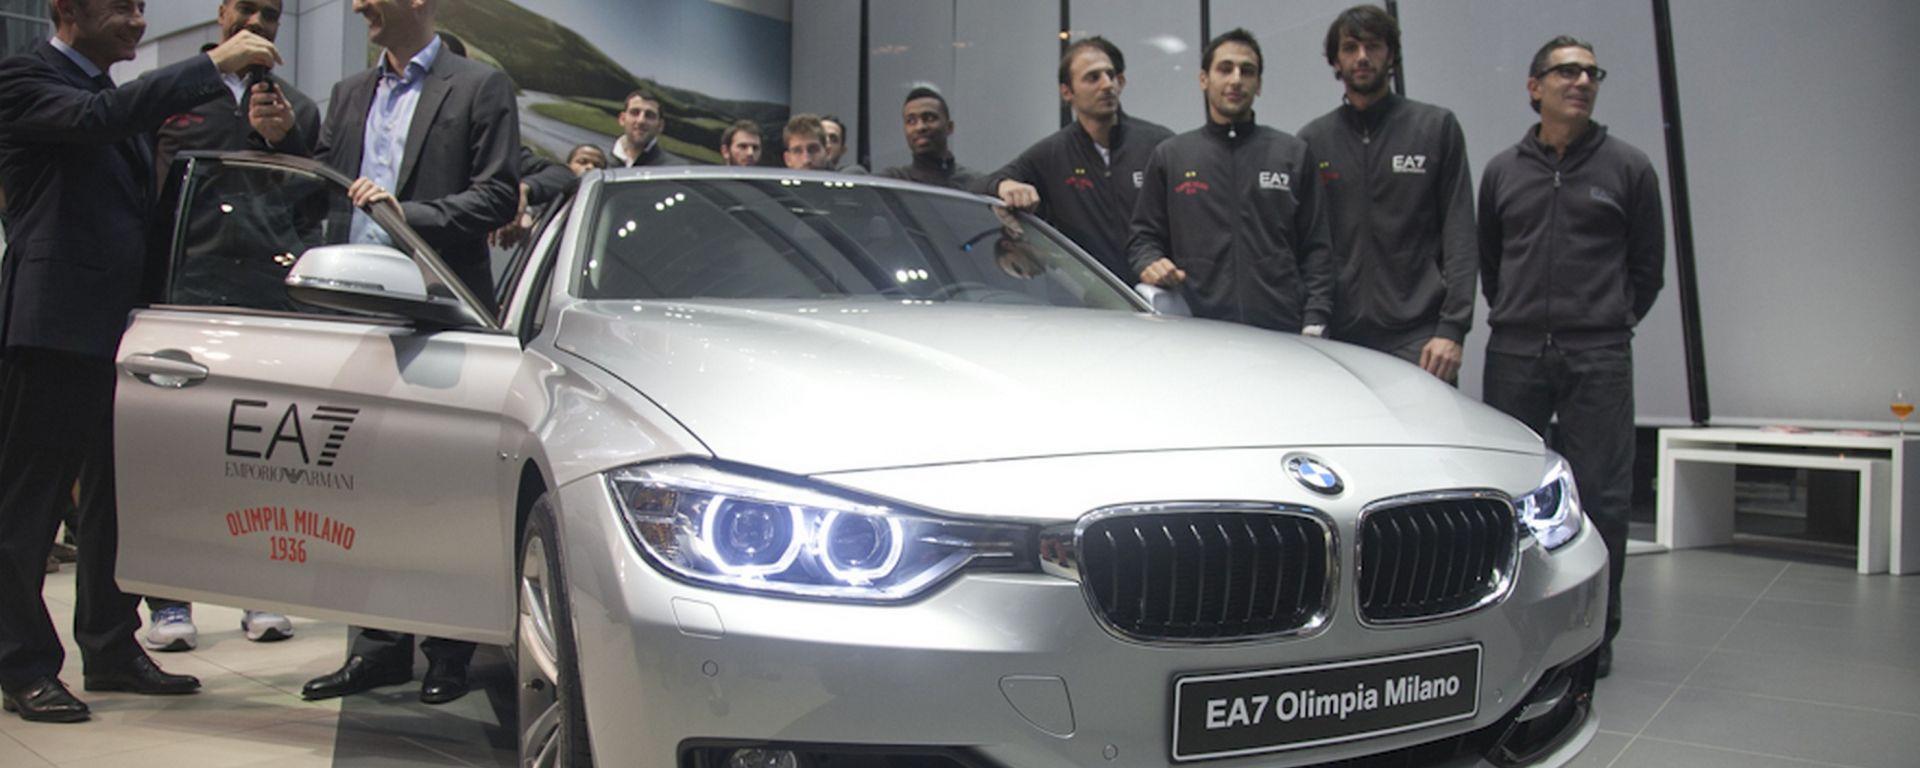 BMW e EA7 Milano: le Scarpette Rosse mettono il turbo